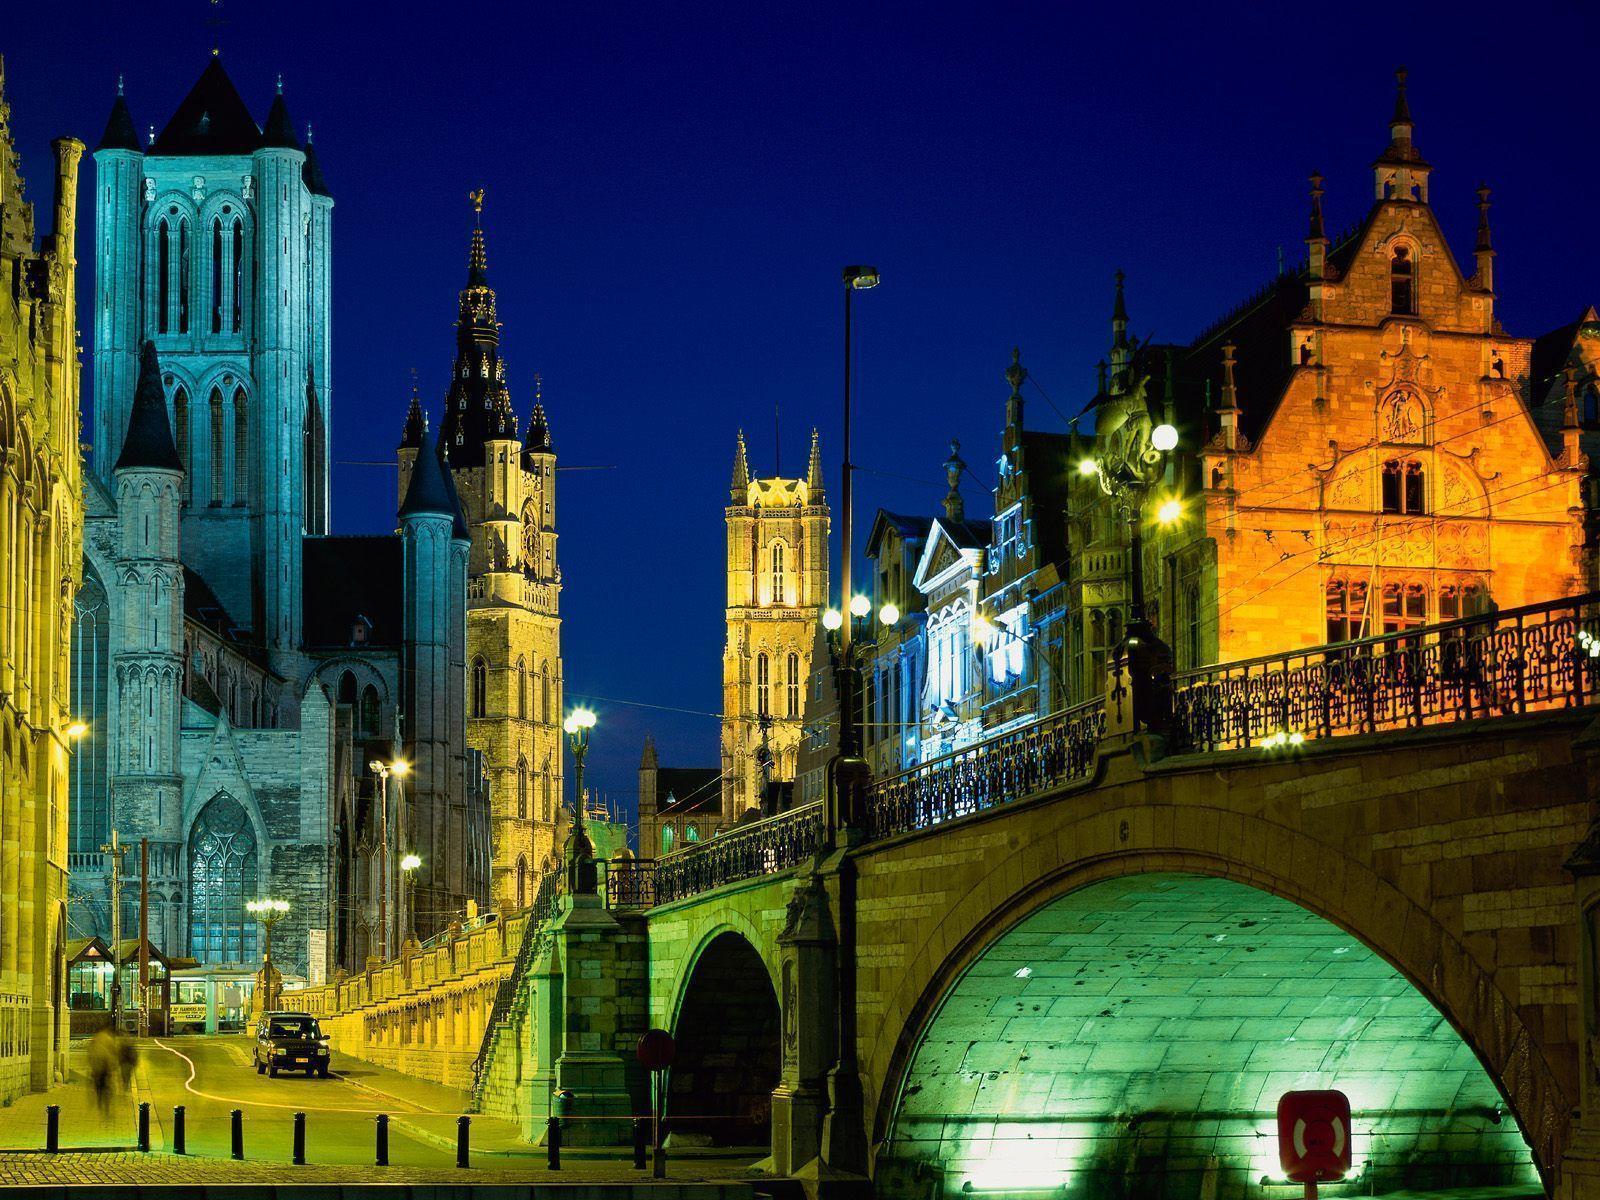 Evening in Ghent Belgium Wallpapers | HD Wallpapers